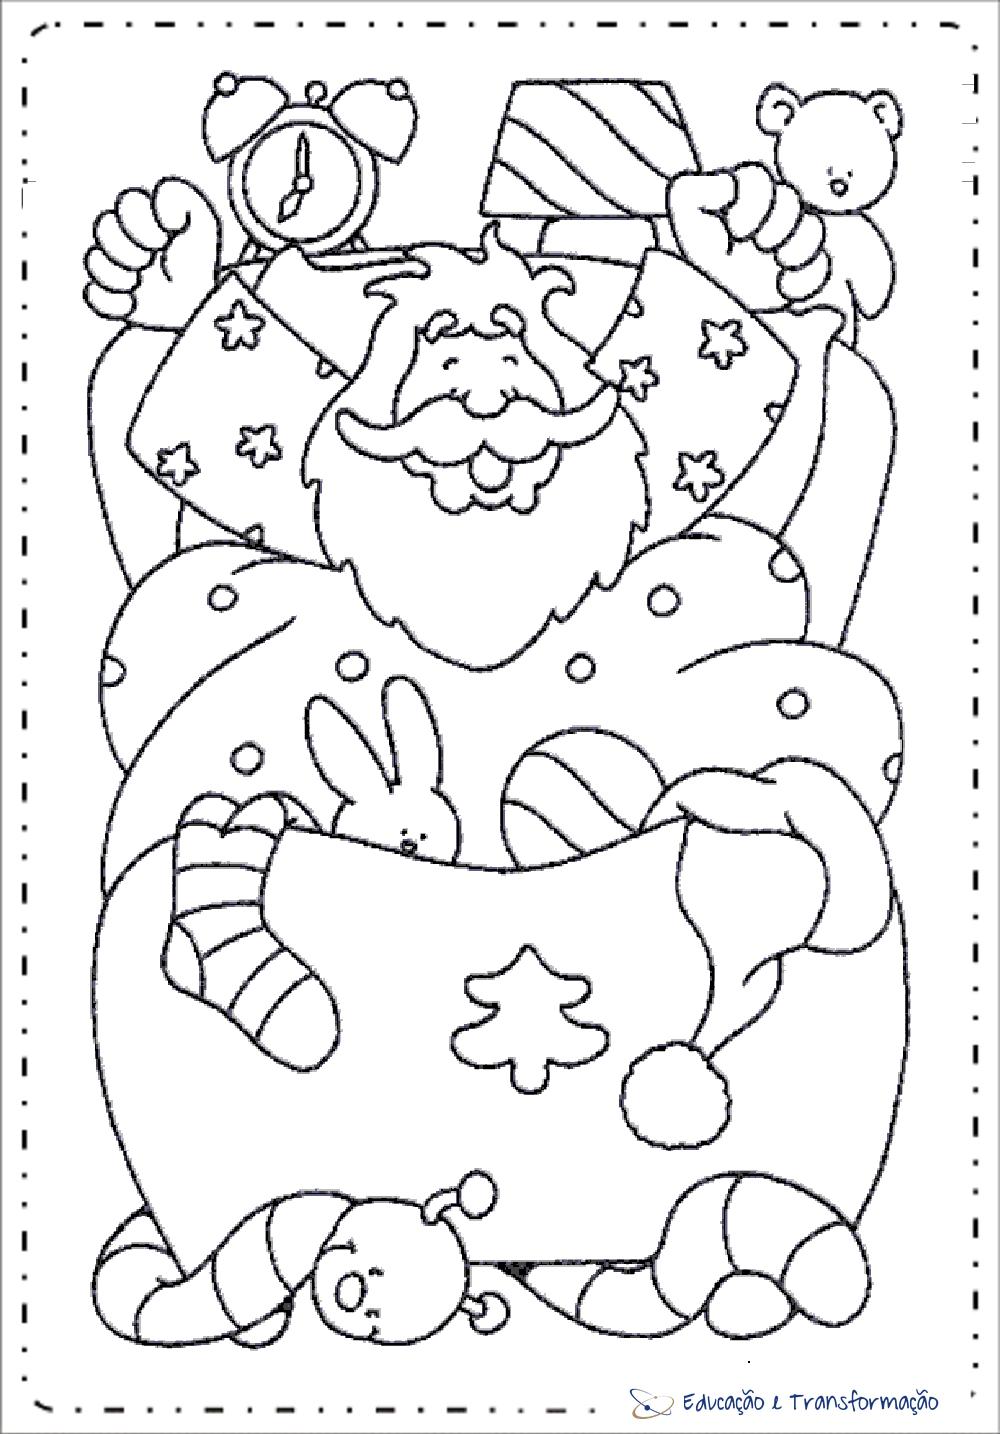 Acordando Desenhos De Papai Noel Para Colorir Educacao E